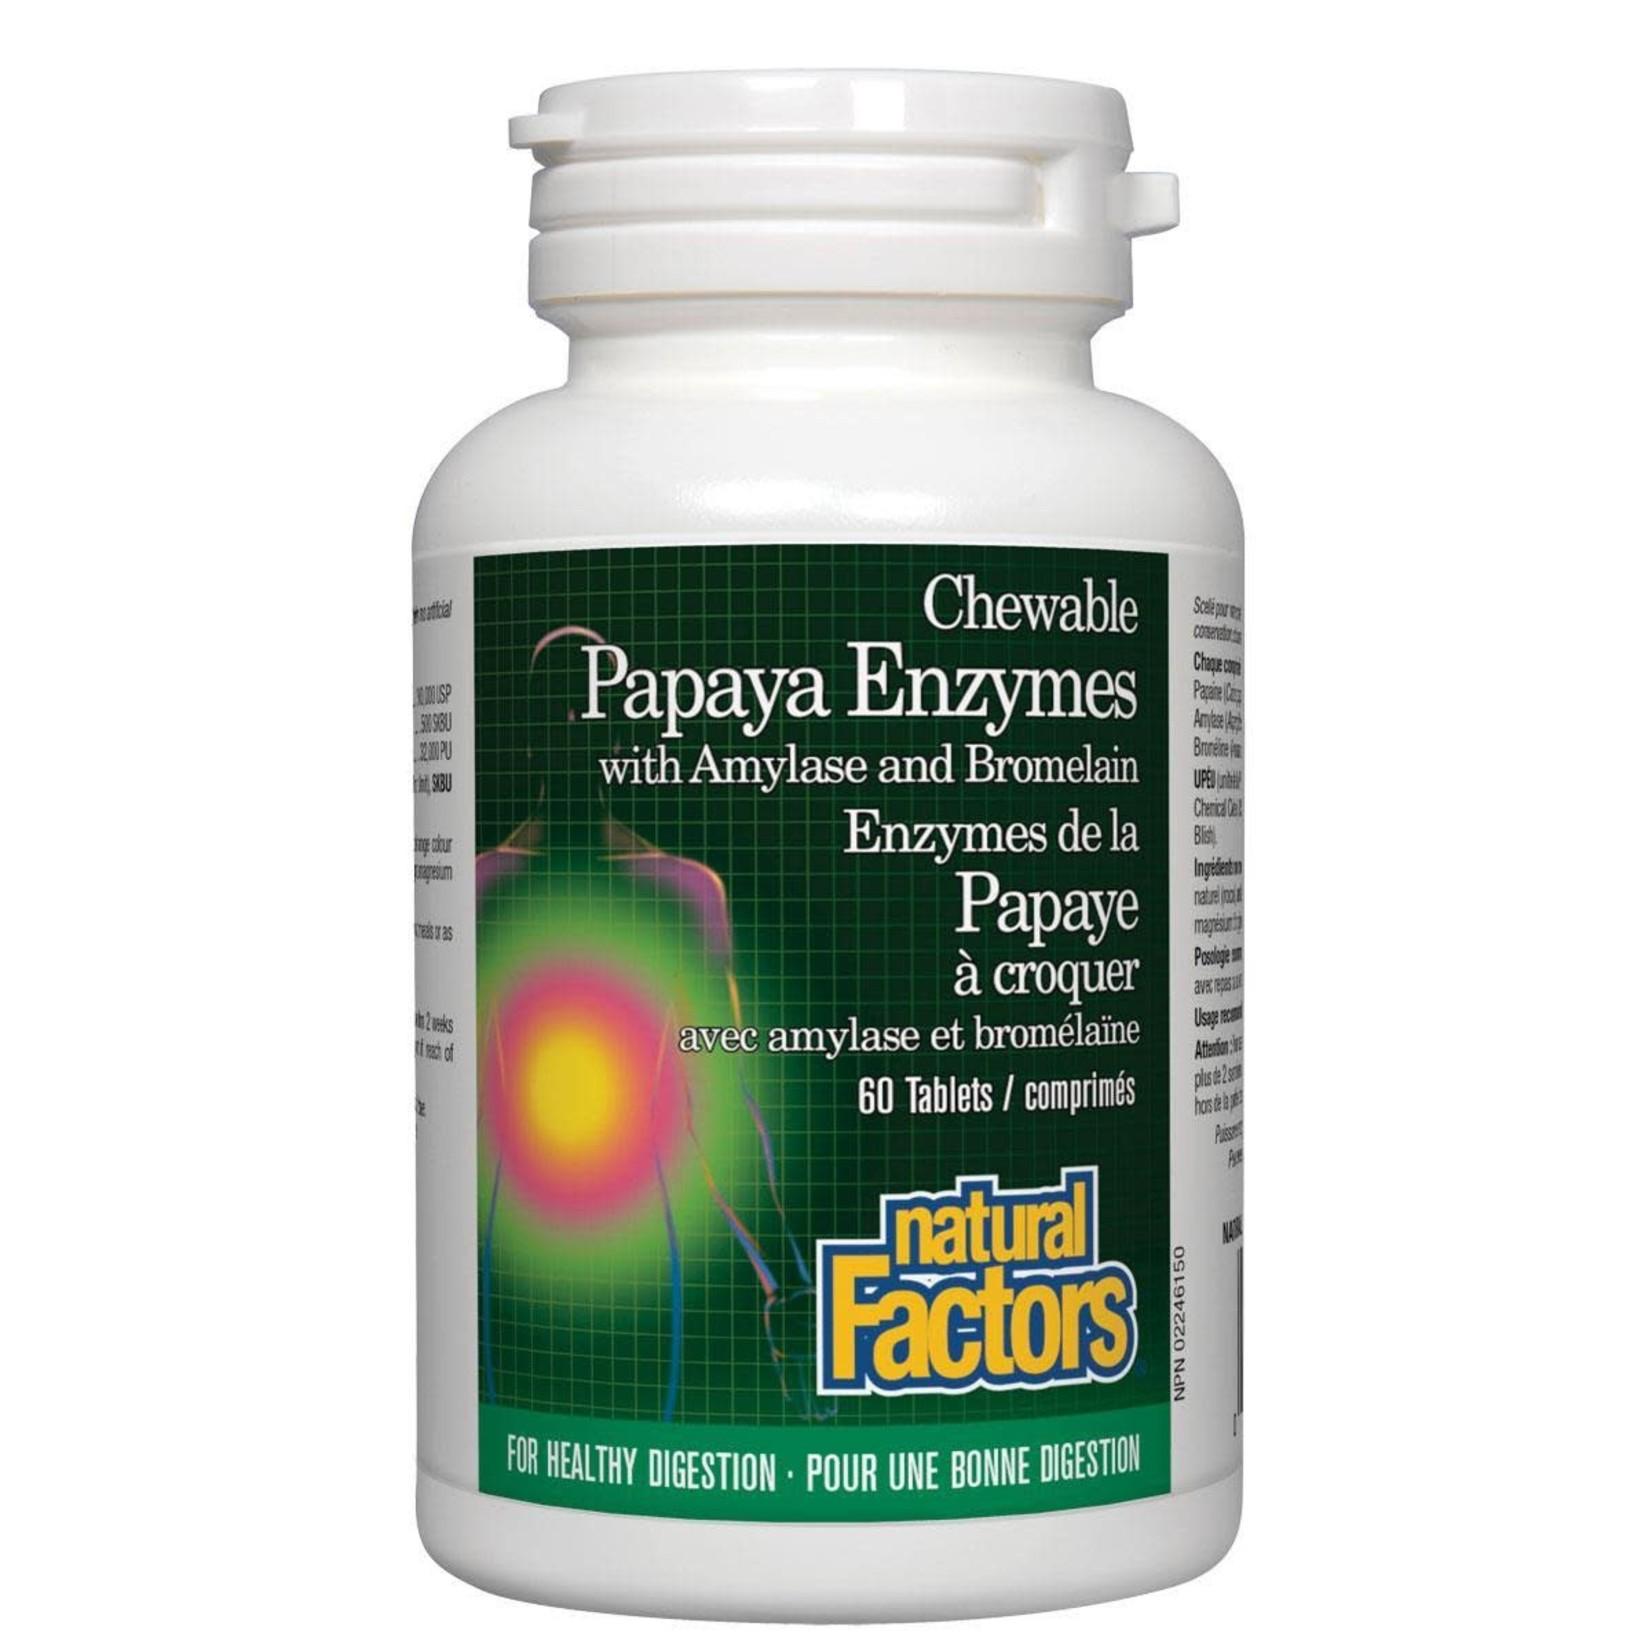 Natural Factors Natural Factors Papaya Enzymes 60 tabs